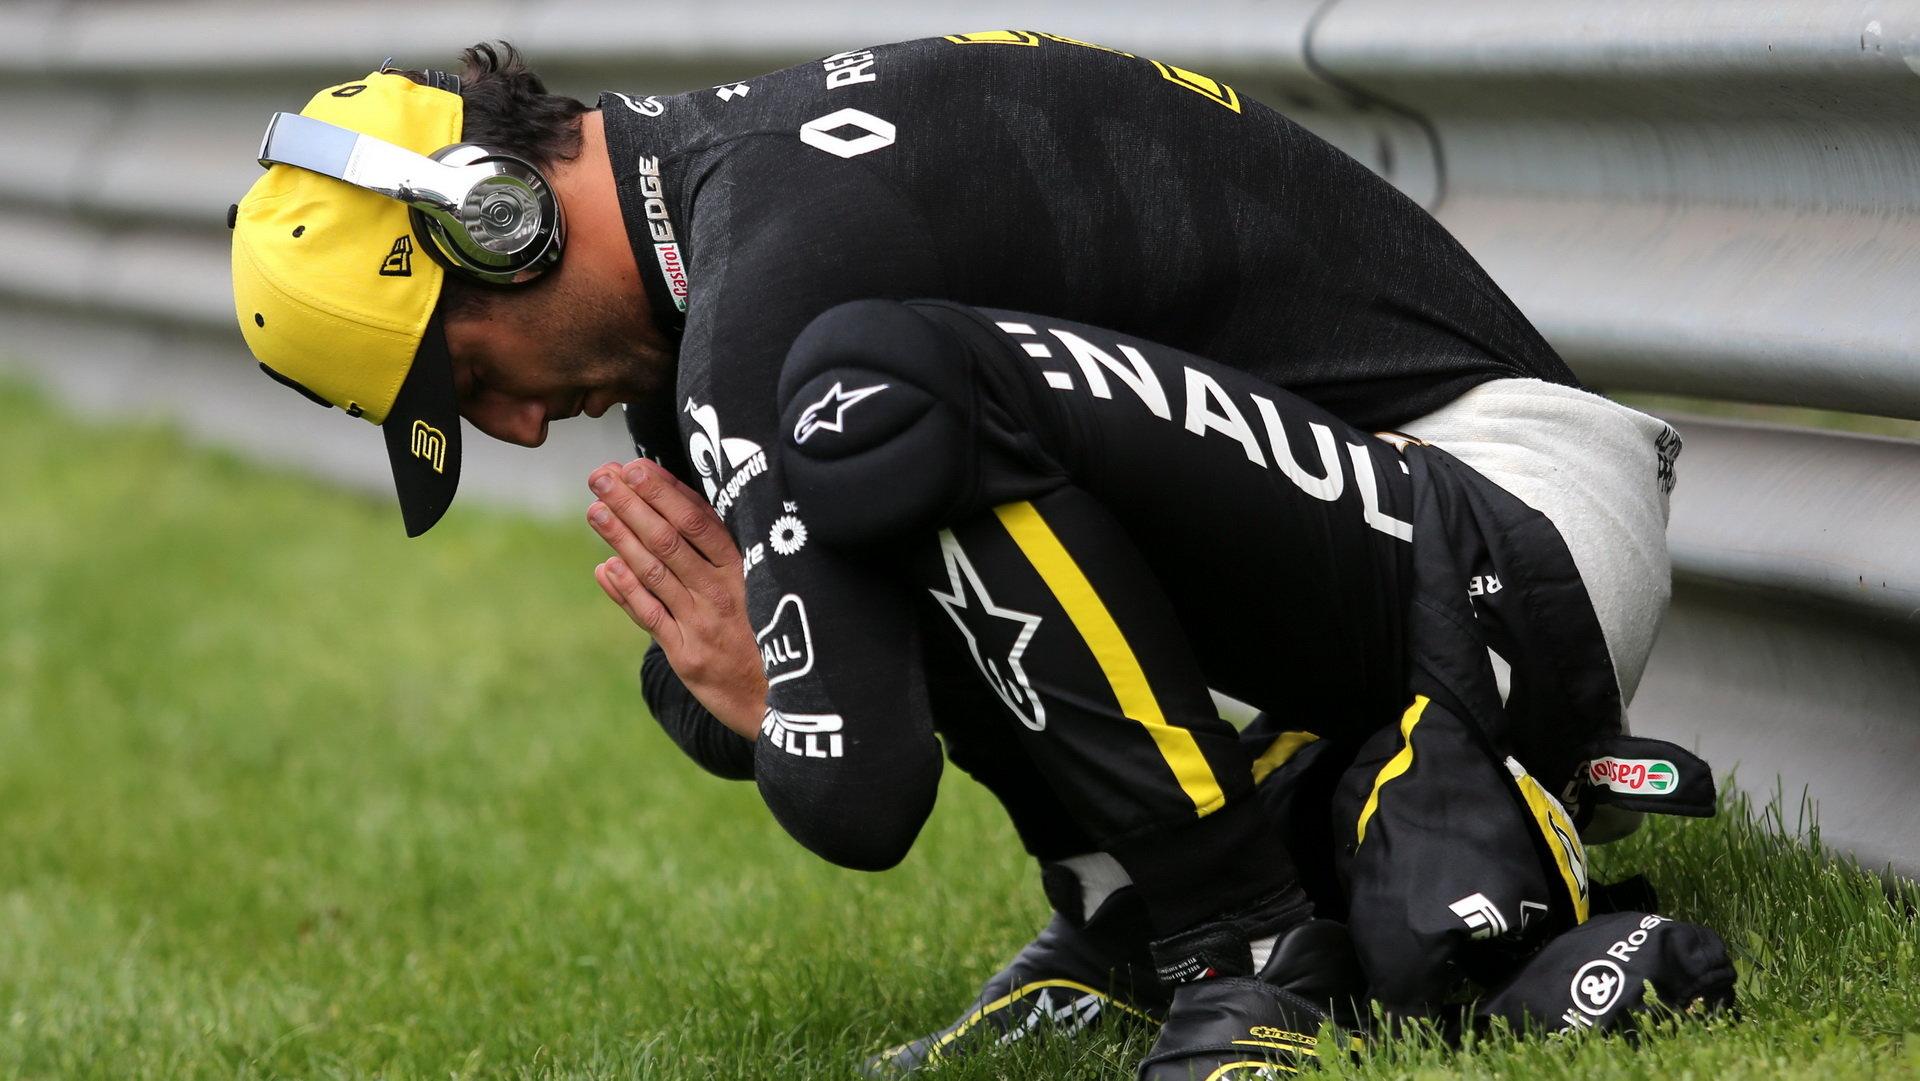 aniel Ricciardo mohl dosáhnout na body, tým podle něj ale nezvolil tu nejlepší strategii